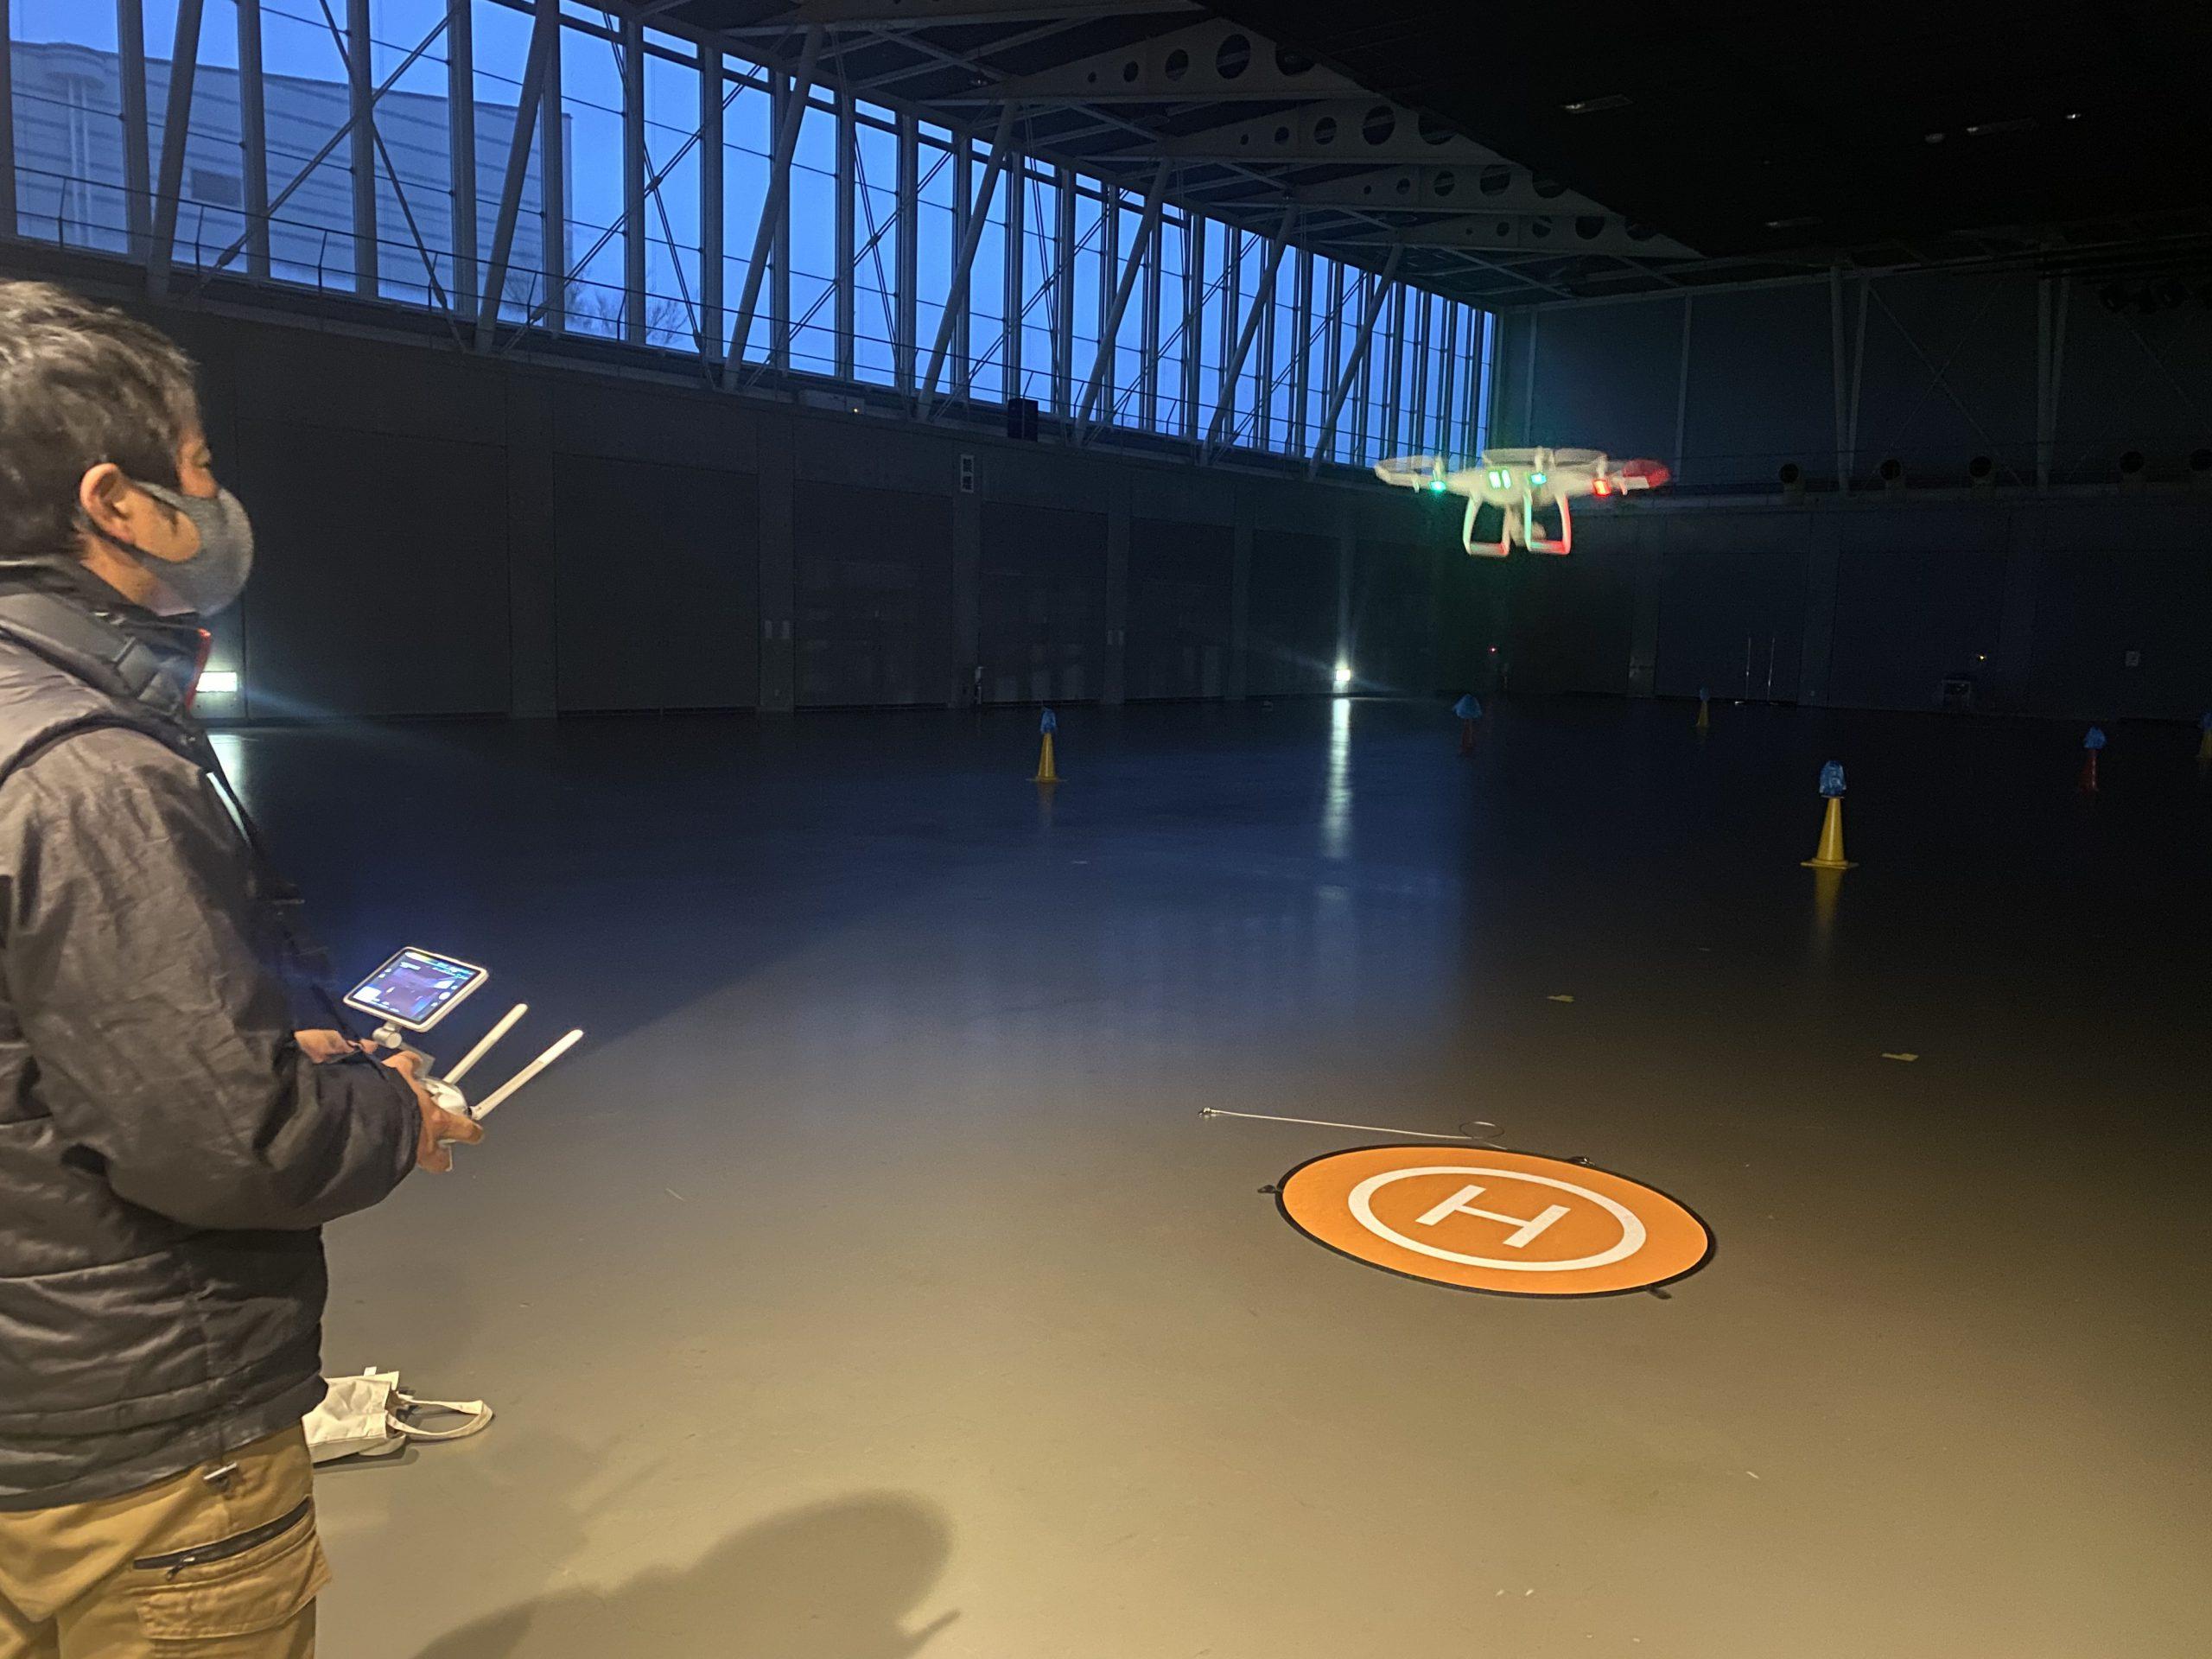 12月JUIDA無人航空機操縦技能実技講習夜間飛行練習